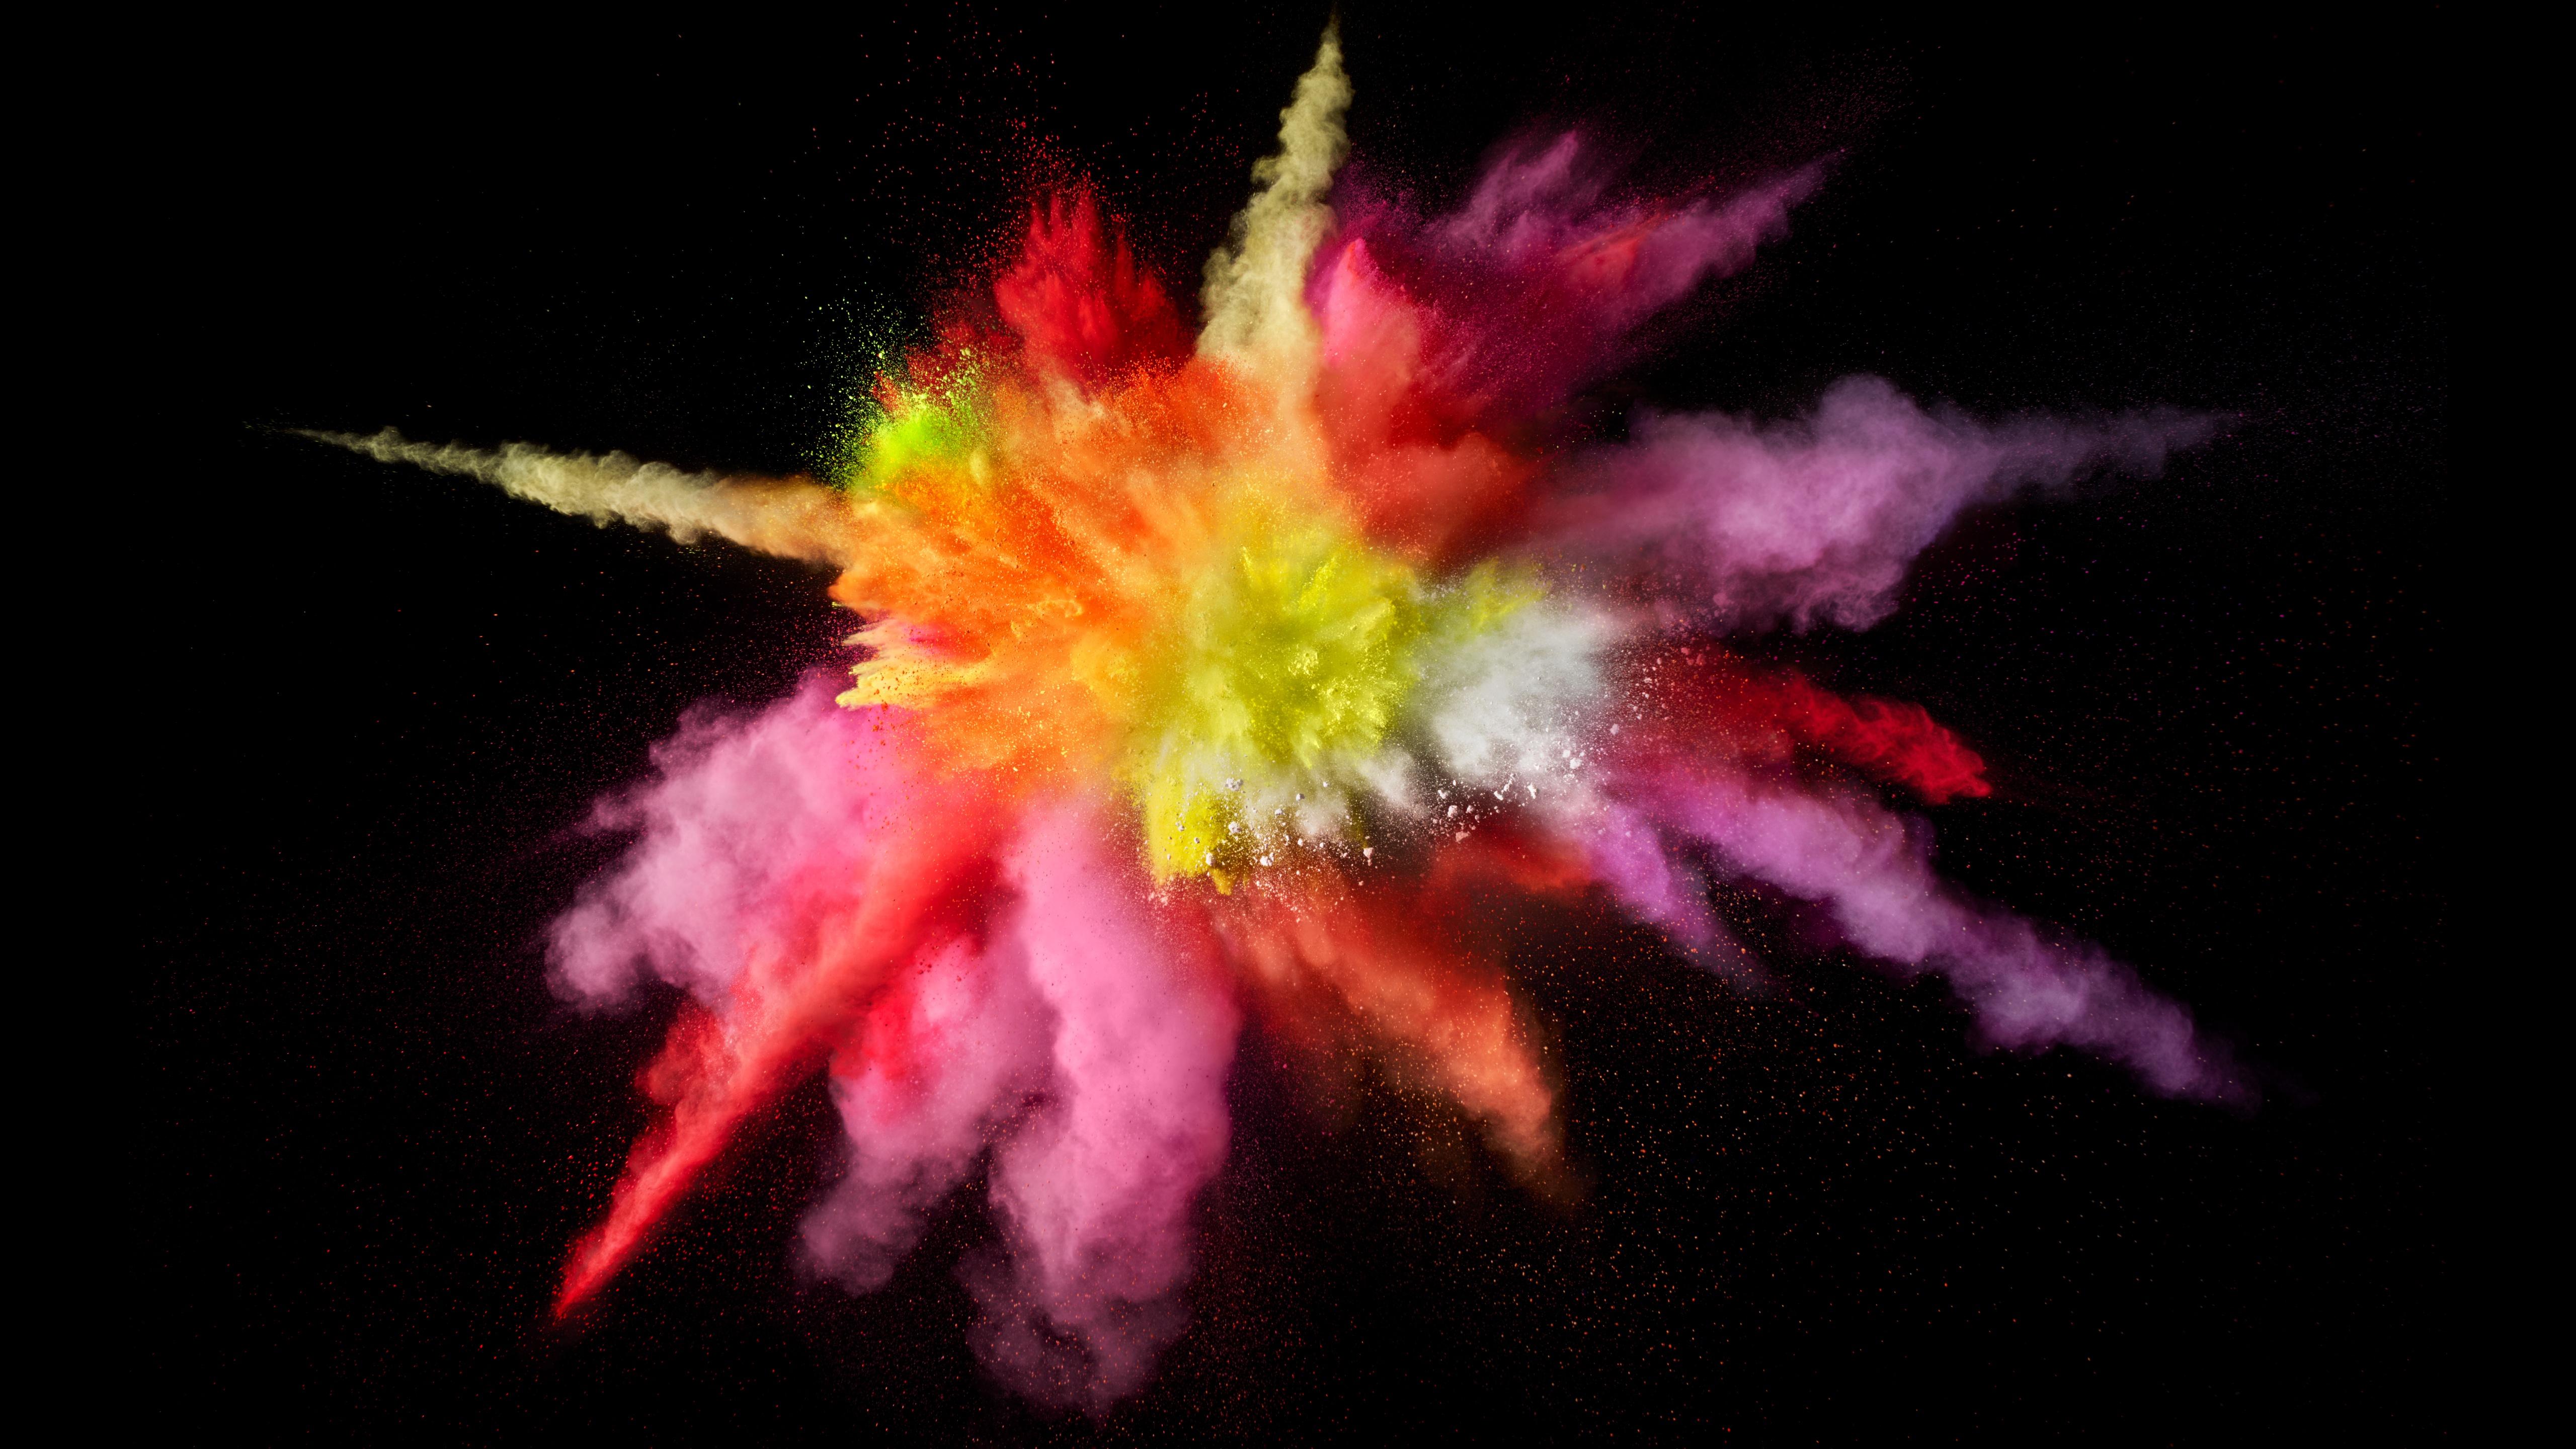 Фото Порошок Взрывы Краски на черном фоне 5120x2880 порошке Черный фон